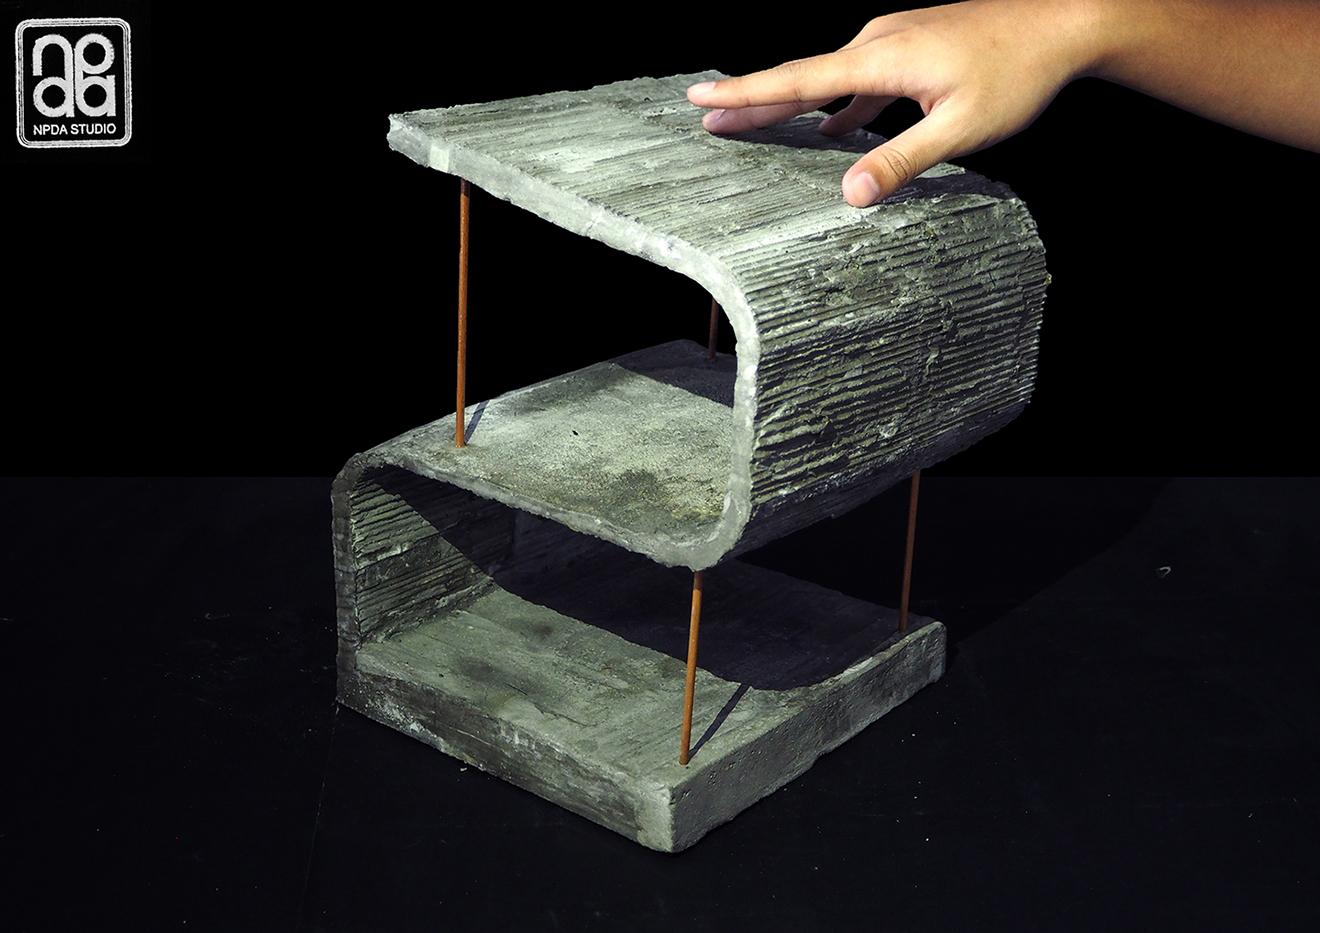 Concrete Model Surface & Structure Experiment NPDAstudio}